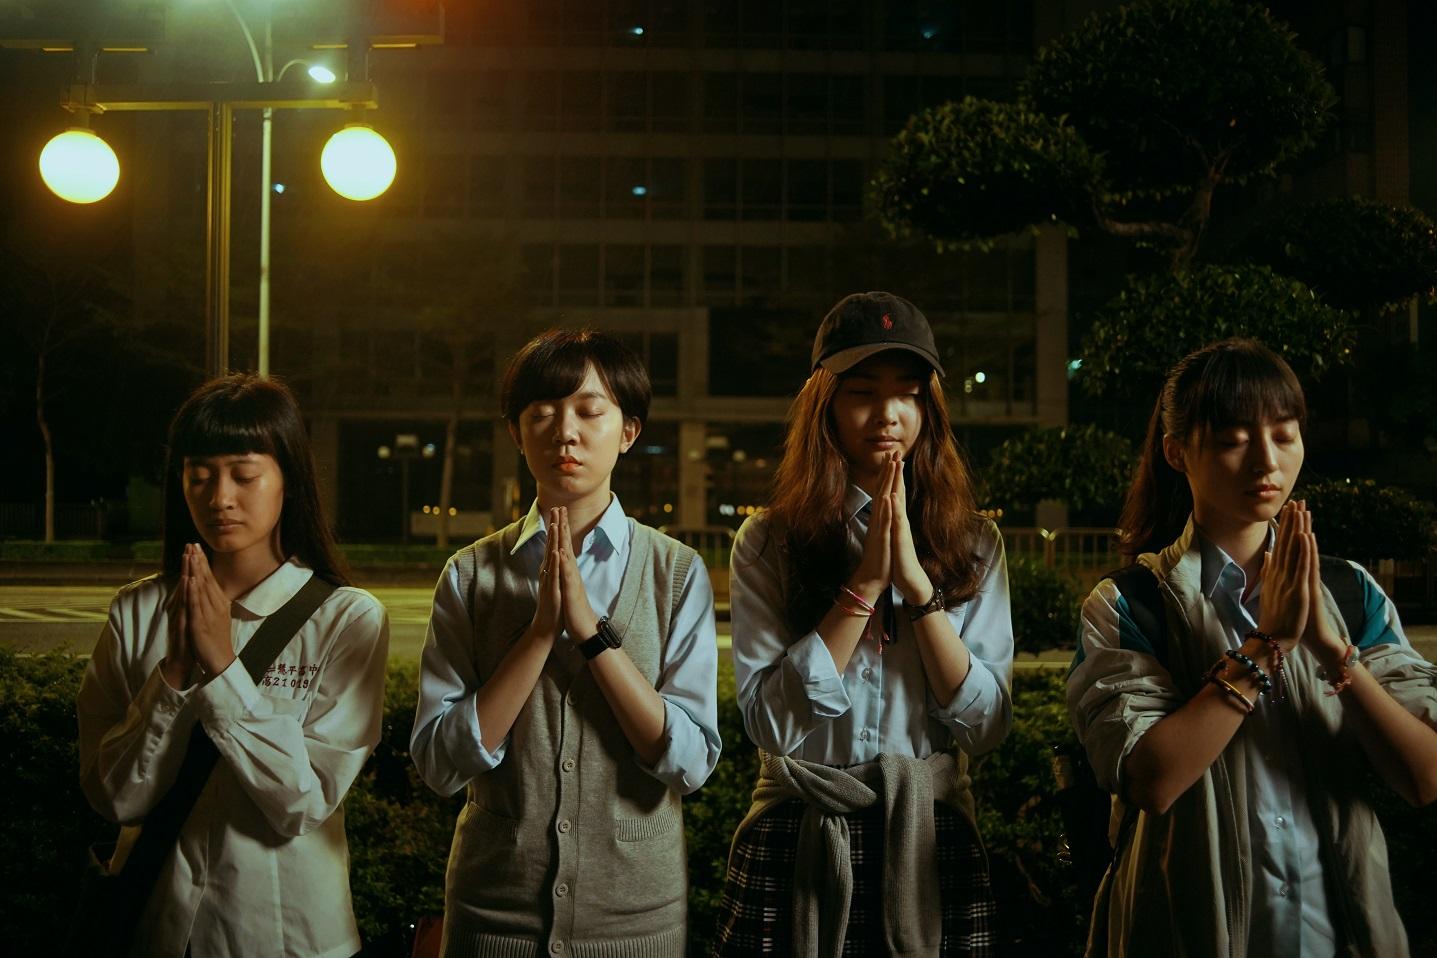 學生作品類最佳劇情片《合十》-2(由國家電影中心提供)-縮小.jpg